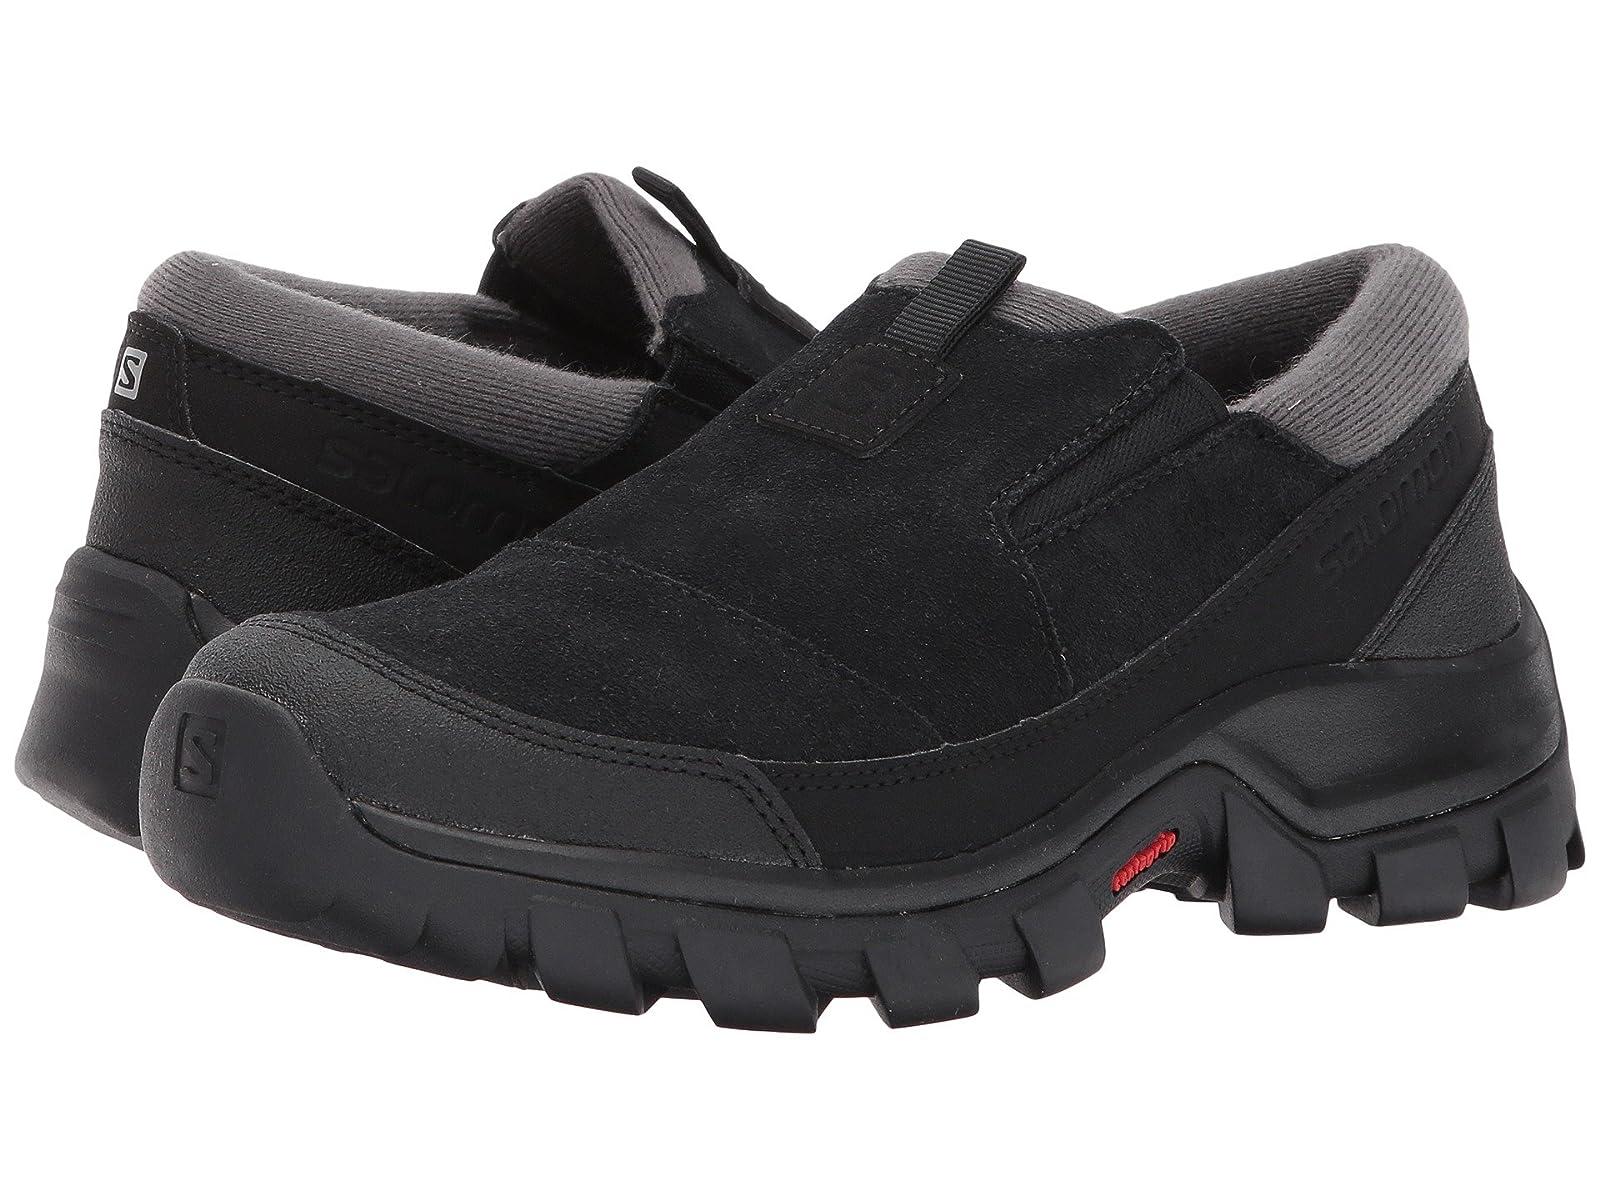 Salomon Snow ClogAtmospheric grades have affordable shoes